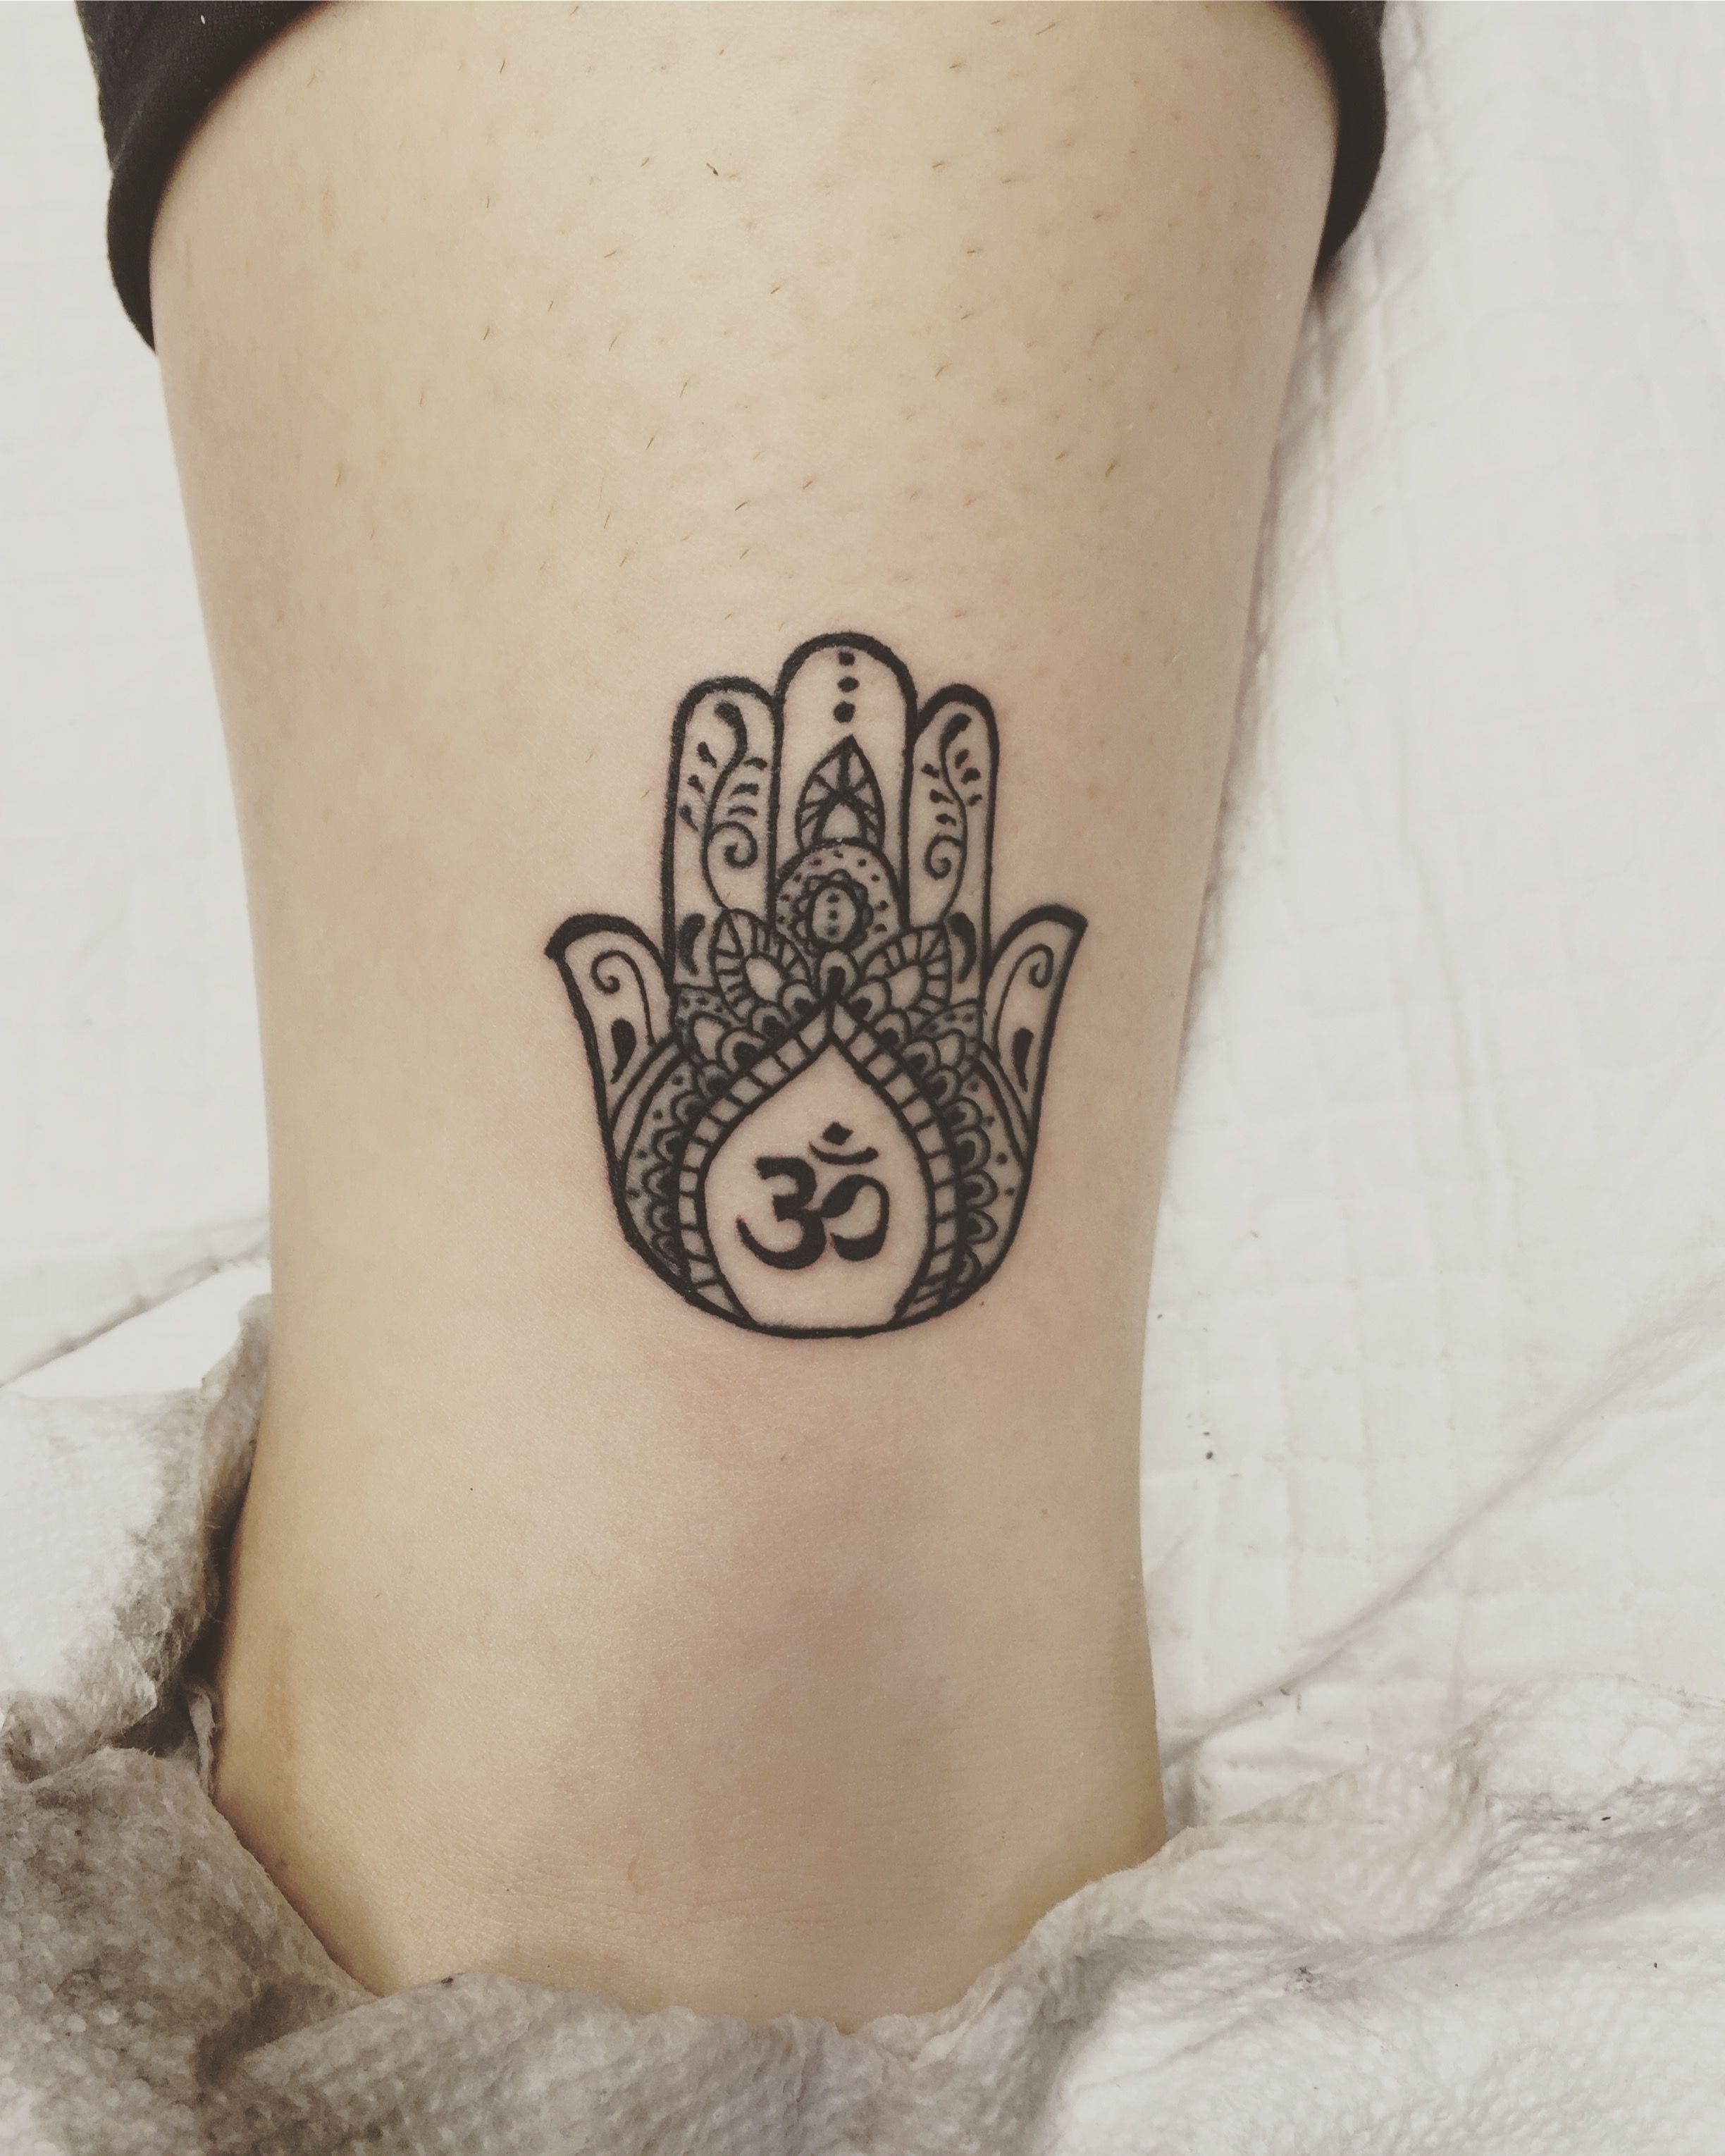 58ef5a1f4 My third tattoo. Hamsa and Aum | Tattoos | Tattoos, Hamsa tattoo ...